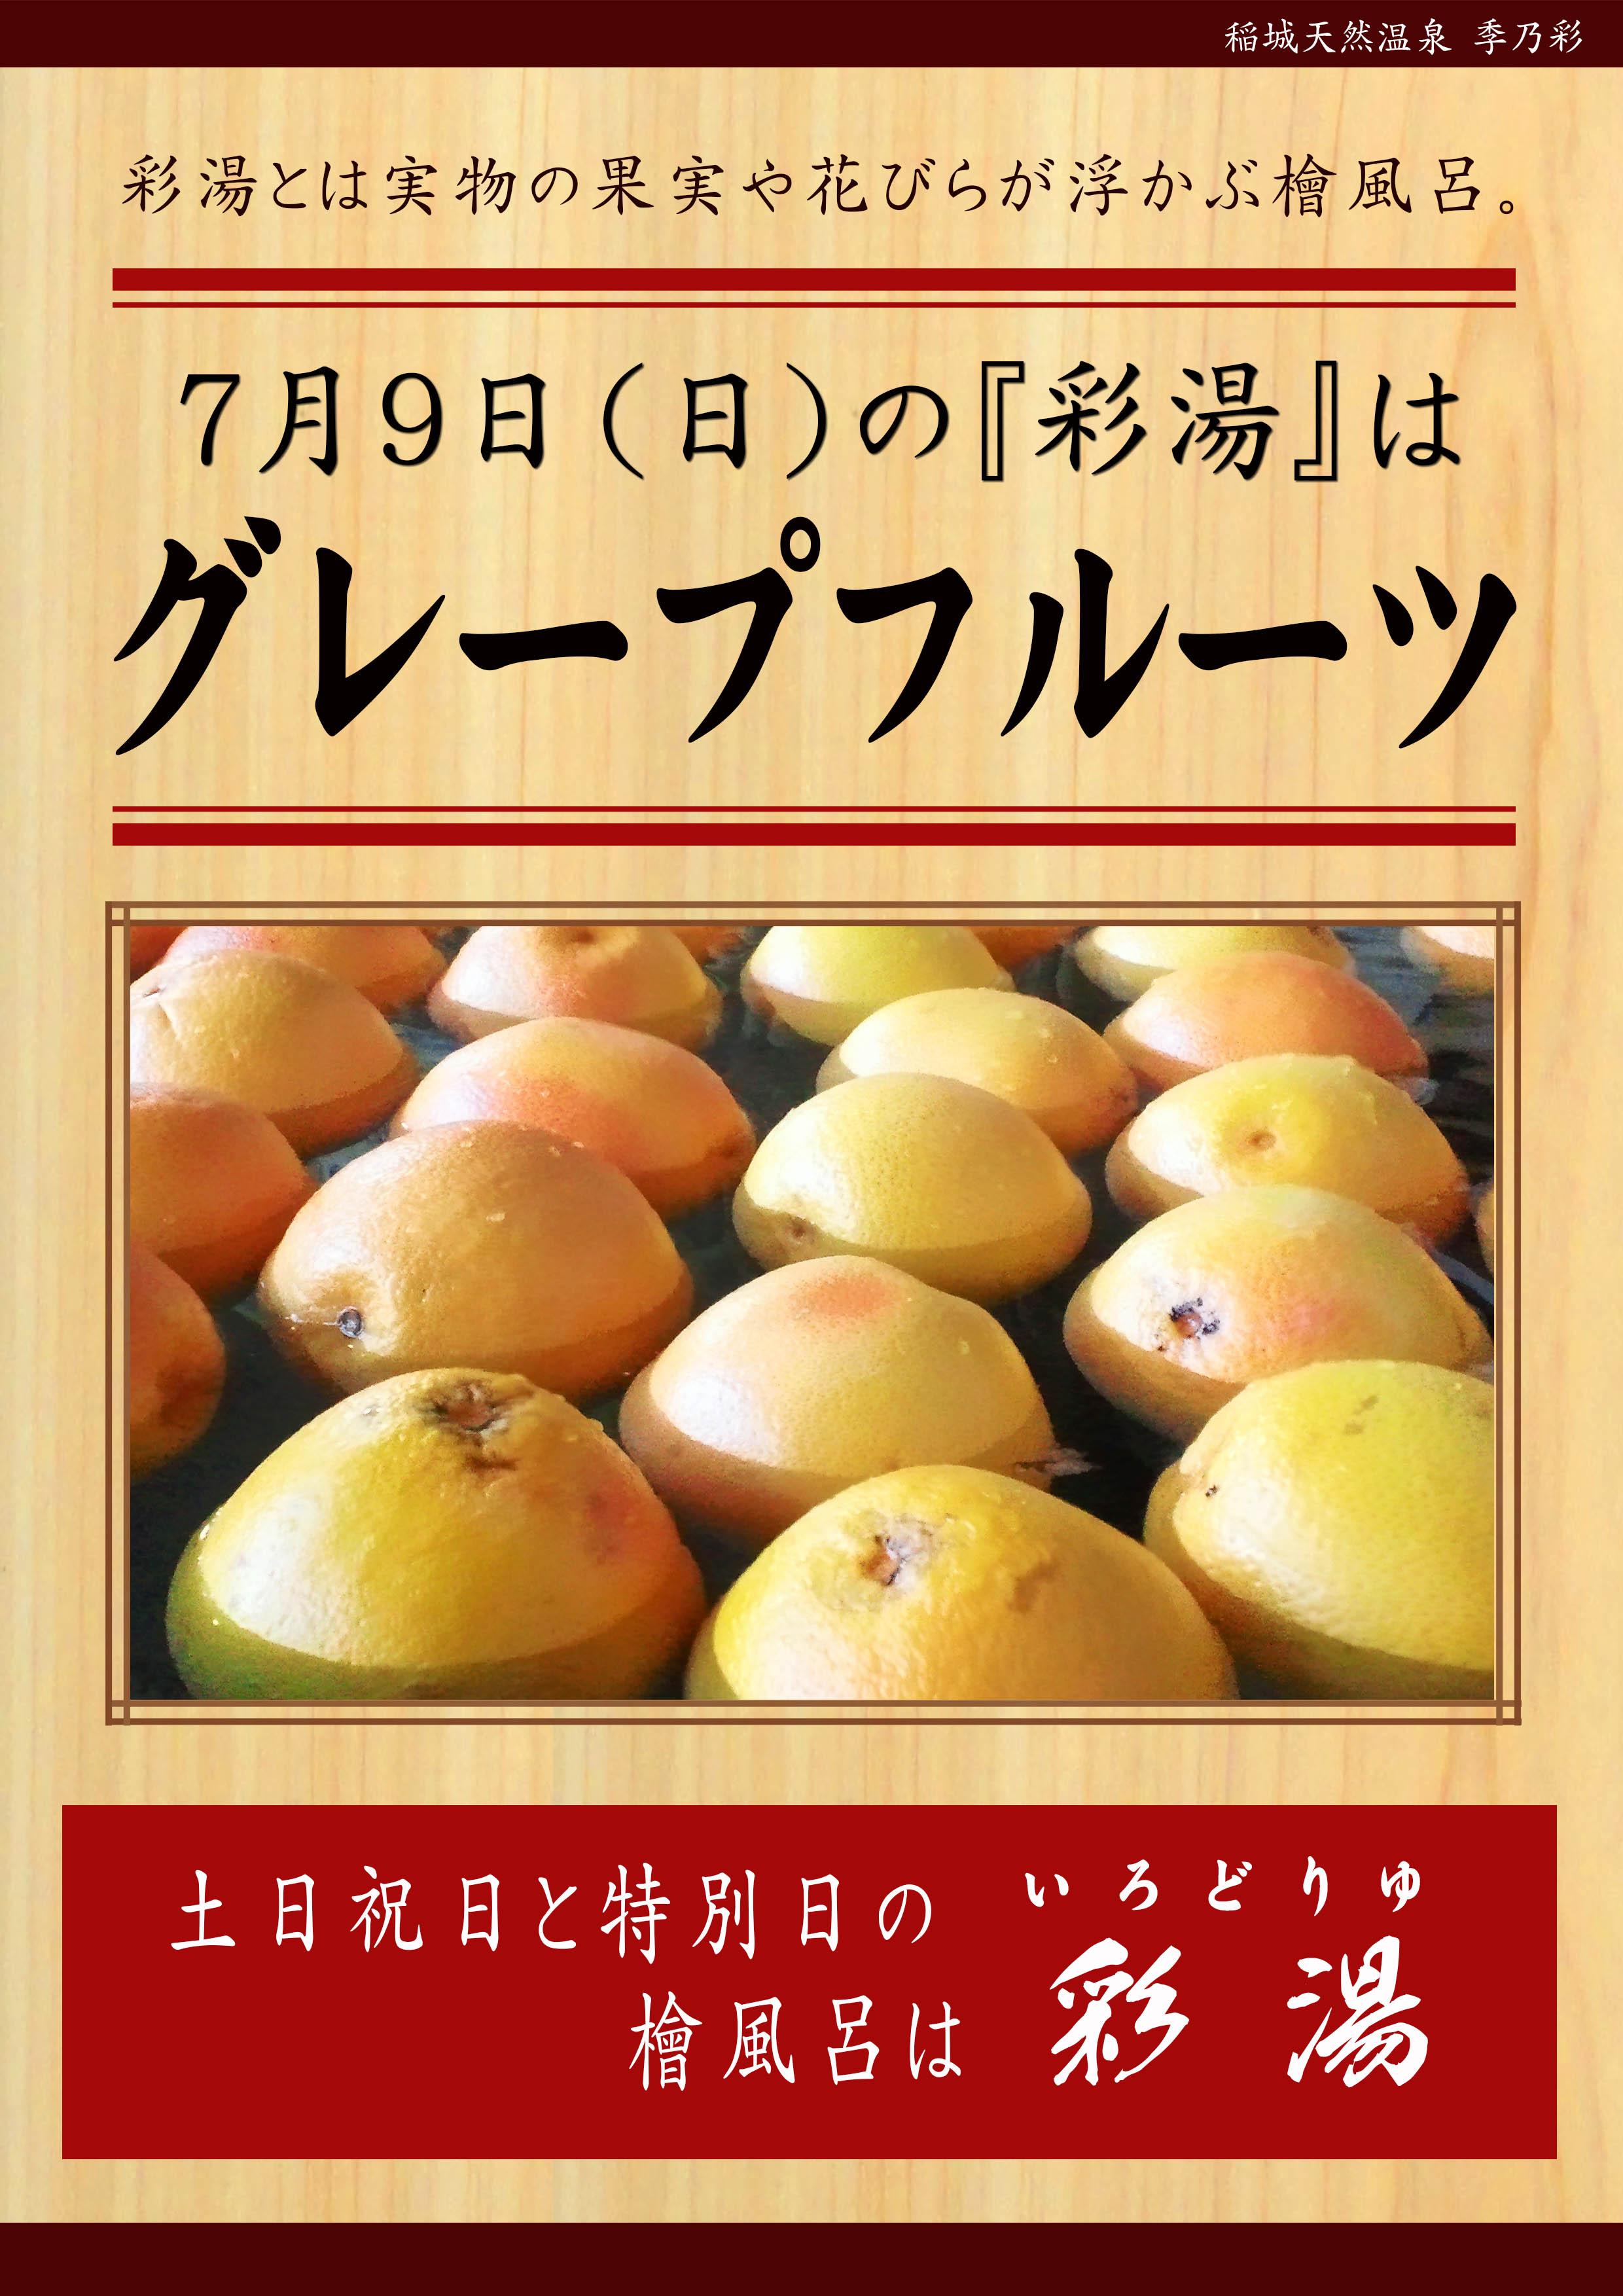 20170709POP イベント 彩湯 グレープフルーツ